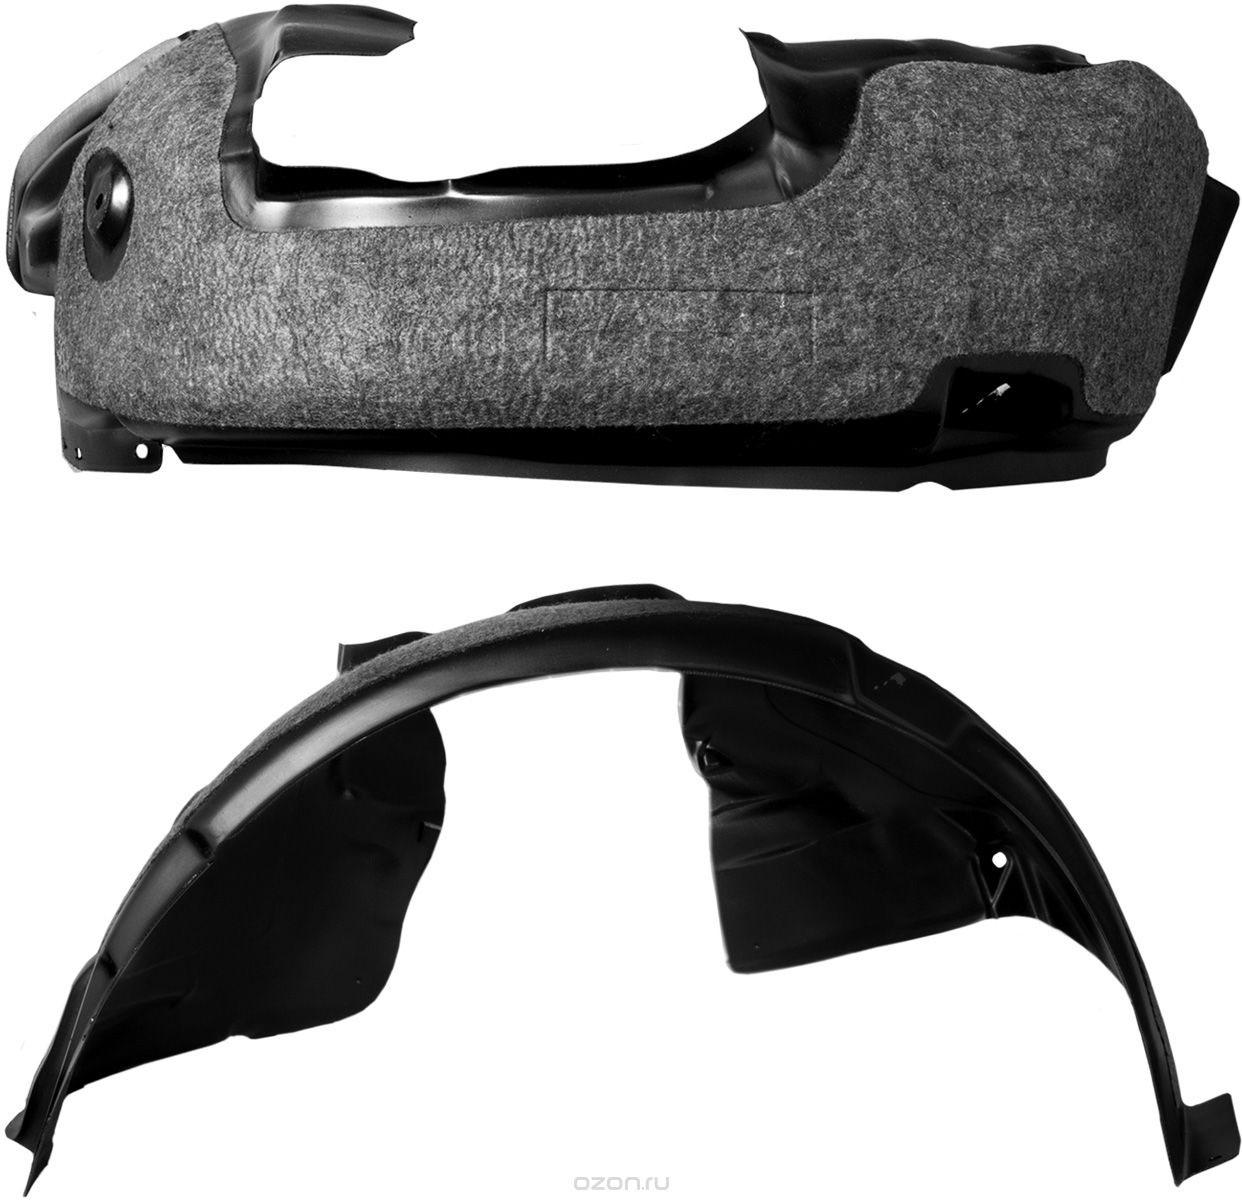 Подкрылок Novline-Autofamily с шумоизоляцией, для Geely X7, 2013->, передний правыйNLS.75.07.002Идеальная защита колесной ниши. Локеры разработаны с применением цифровых технологий, гарантируют максимальную повторяемость поверхности арки. Изделия устанавливаются без нарушения лакокрасочного покрытия автомобиля, каждый подкрылок комплектуется крепежом. Уважаемые клиенты, обращаем ваше внимание, что фотографии на подкрылки универсальные и не отражают реальную форму изделия. При этом само изделие идет точно под размер указанного автомобиля.